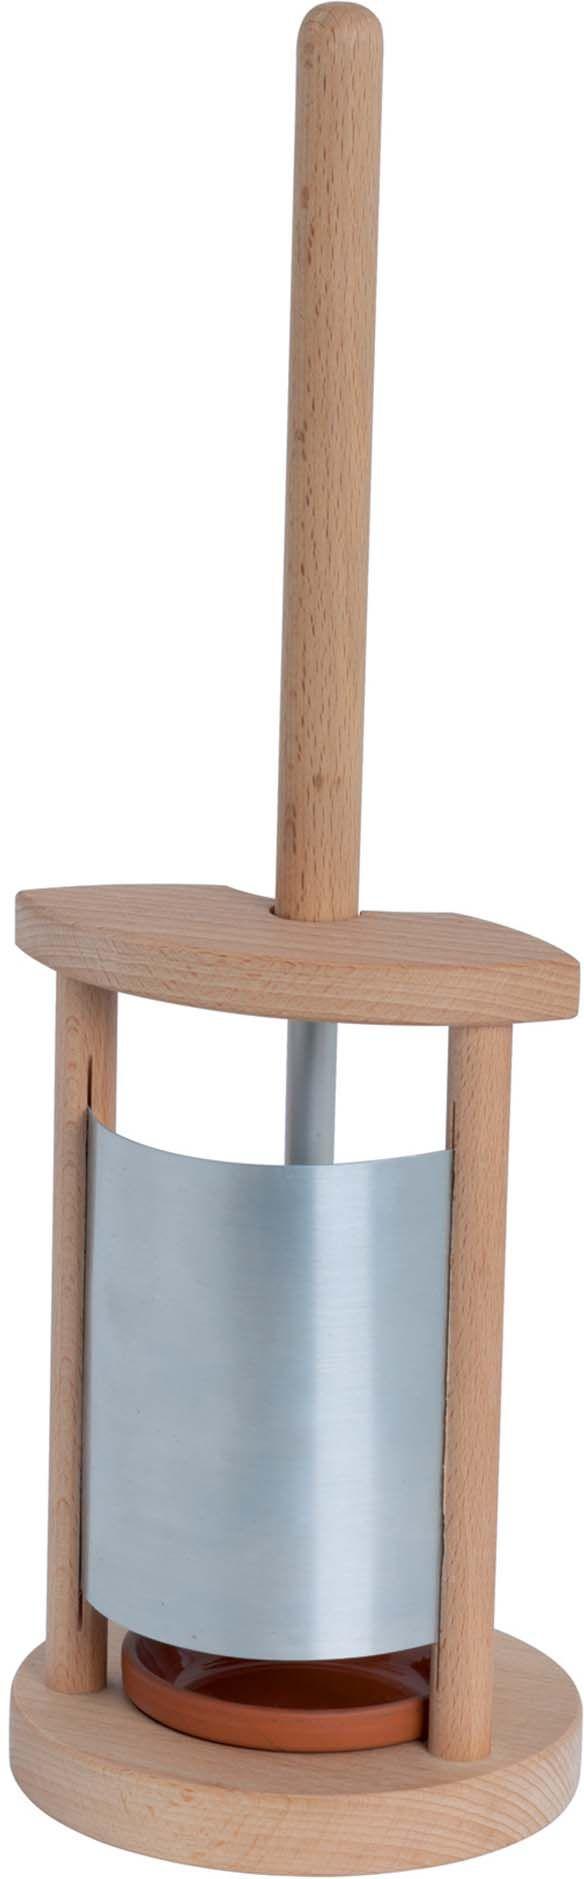 porte brosse wc en bois et zinc. Black Bedroom Furniture Sets. Home Design Ideas